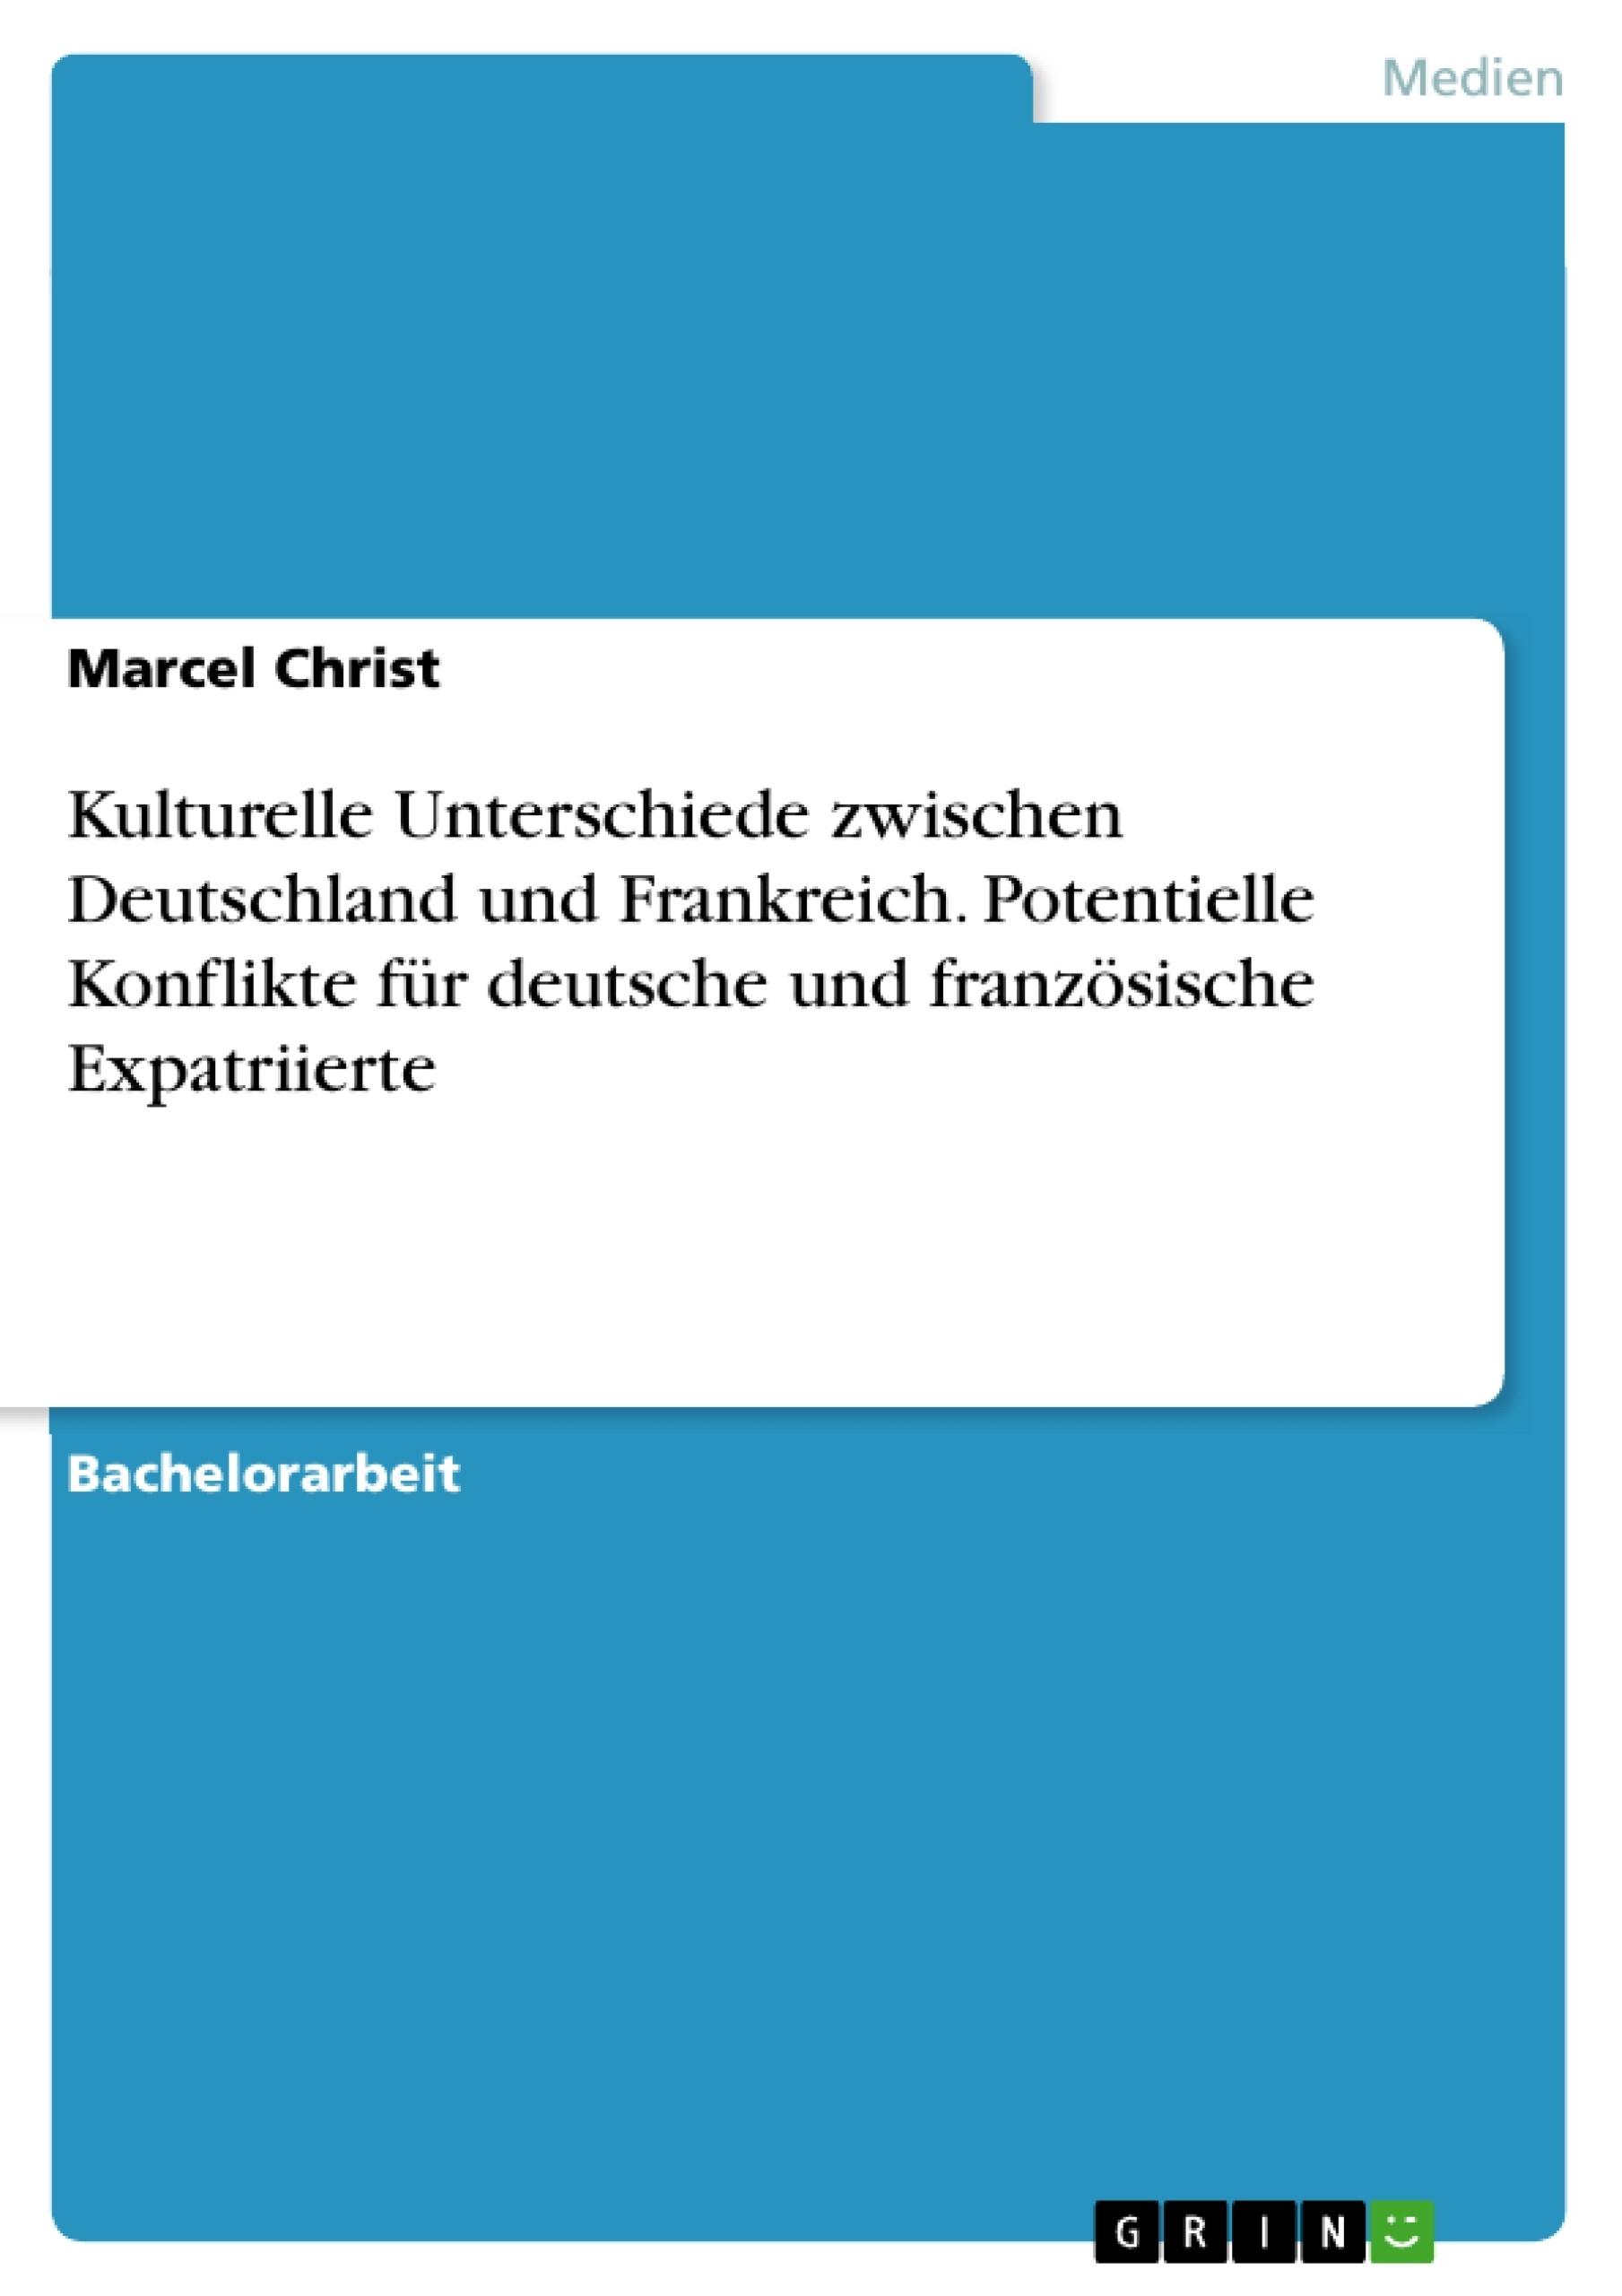 Titel: Kulturelle Unterschiede zwischen Deutschland und Frankreich. Potentielle Konflikte für deutsche und französische Expatriierte